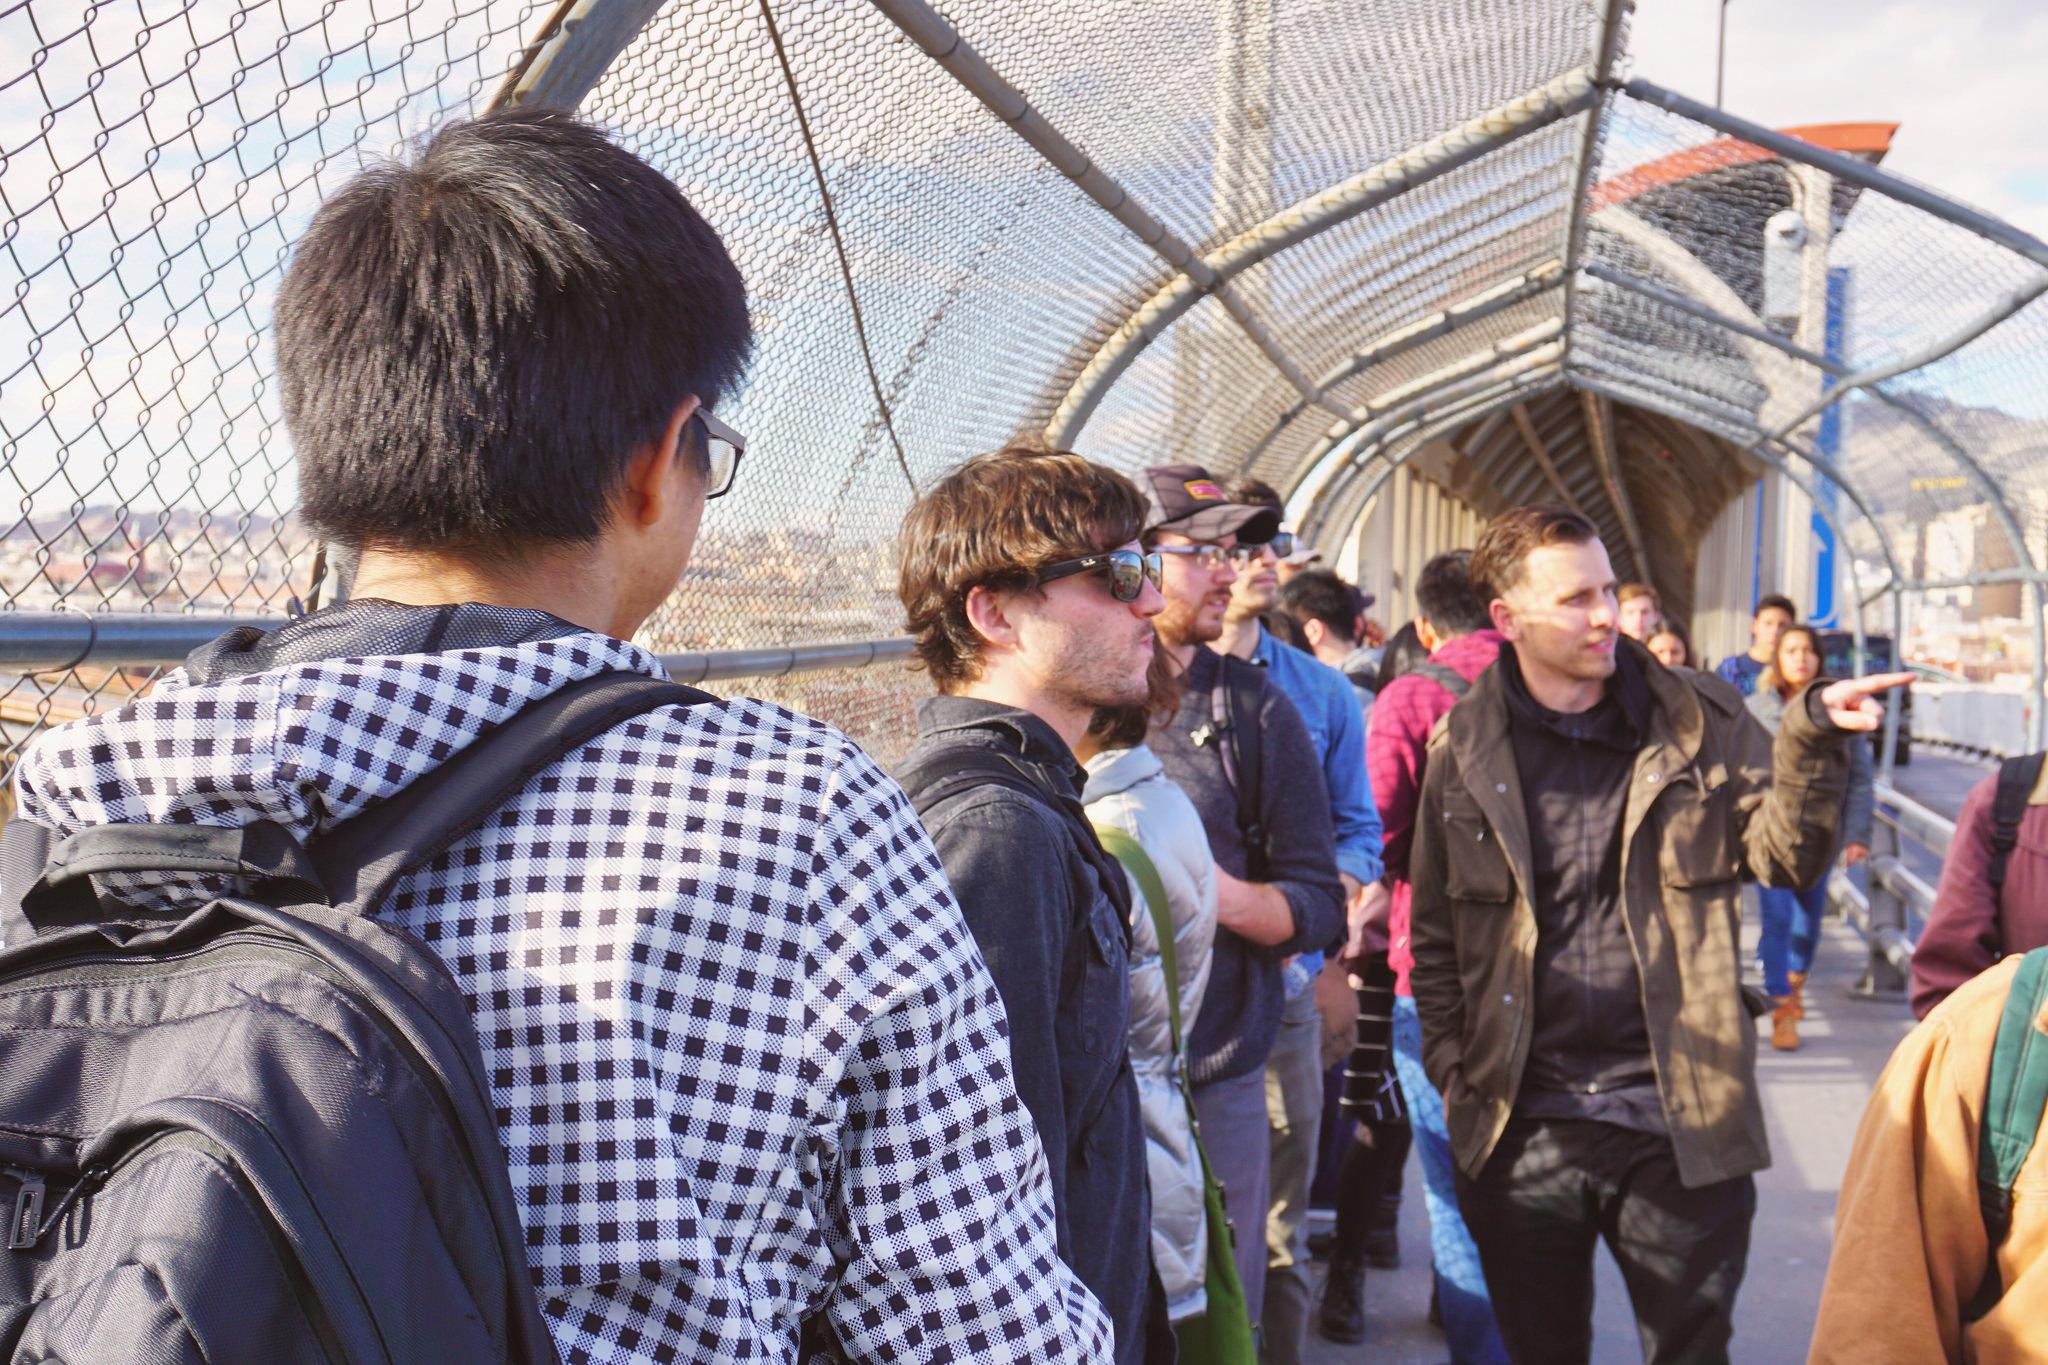 Los estudiantes cruzan el puente internacional hacia Juárez. Foto de Shane Donnelly, Taubman College of Architecture and Urban Planning.